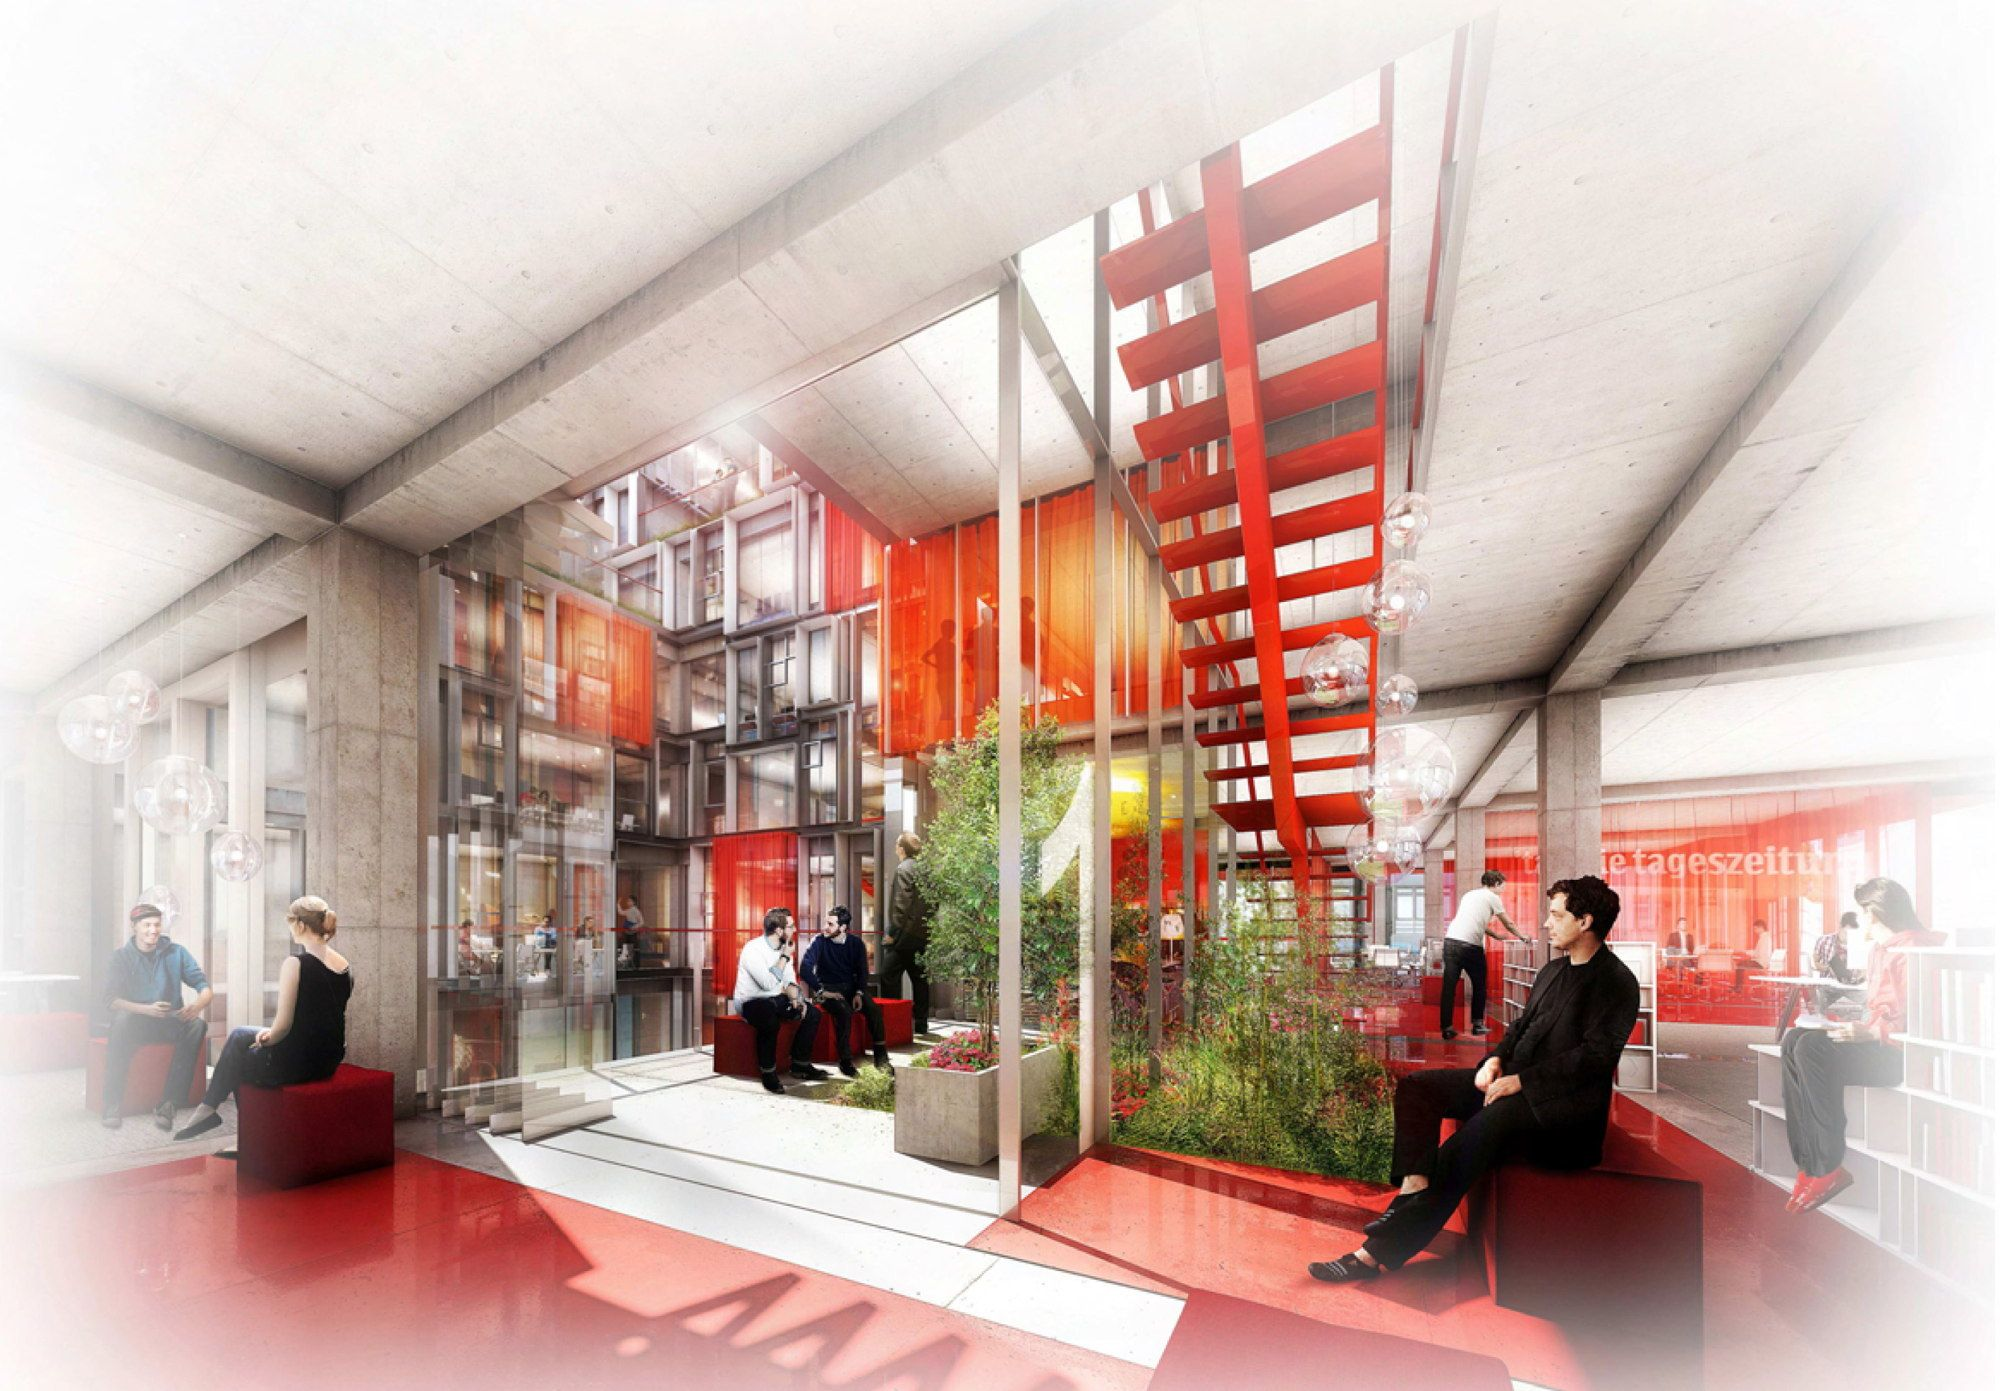 Konstruktivismus Architektur: E2A Gewinnen Wettbewerb Für